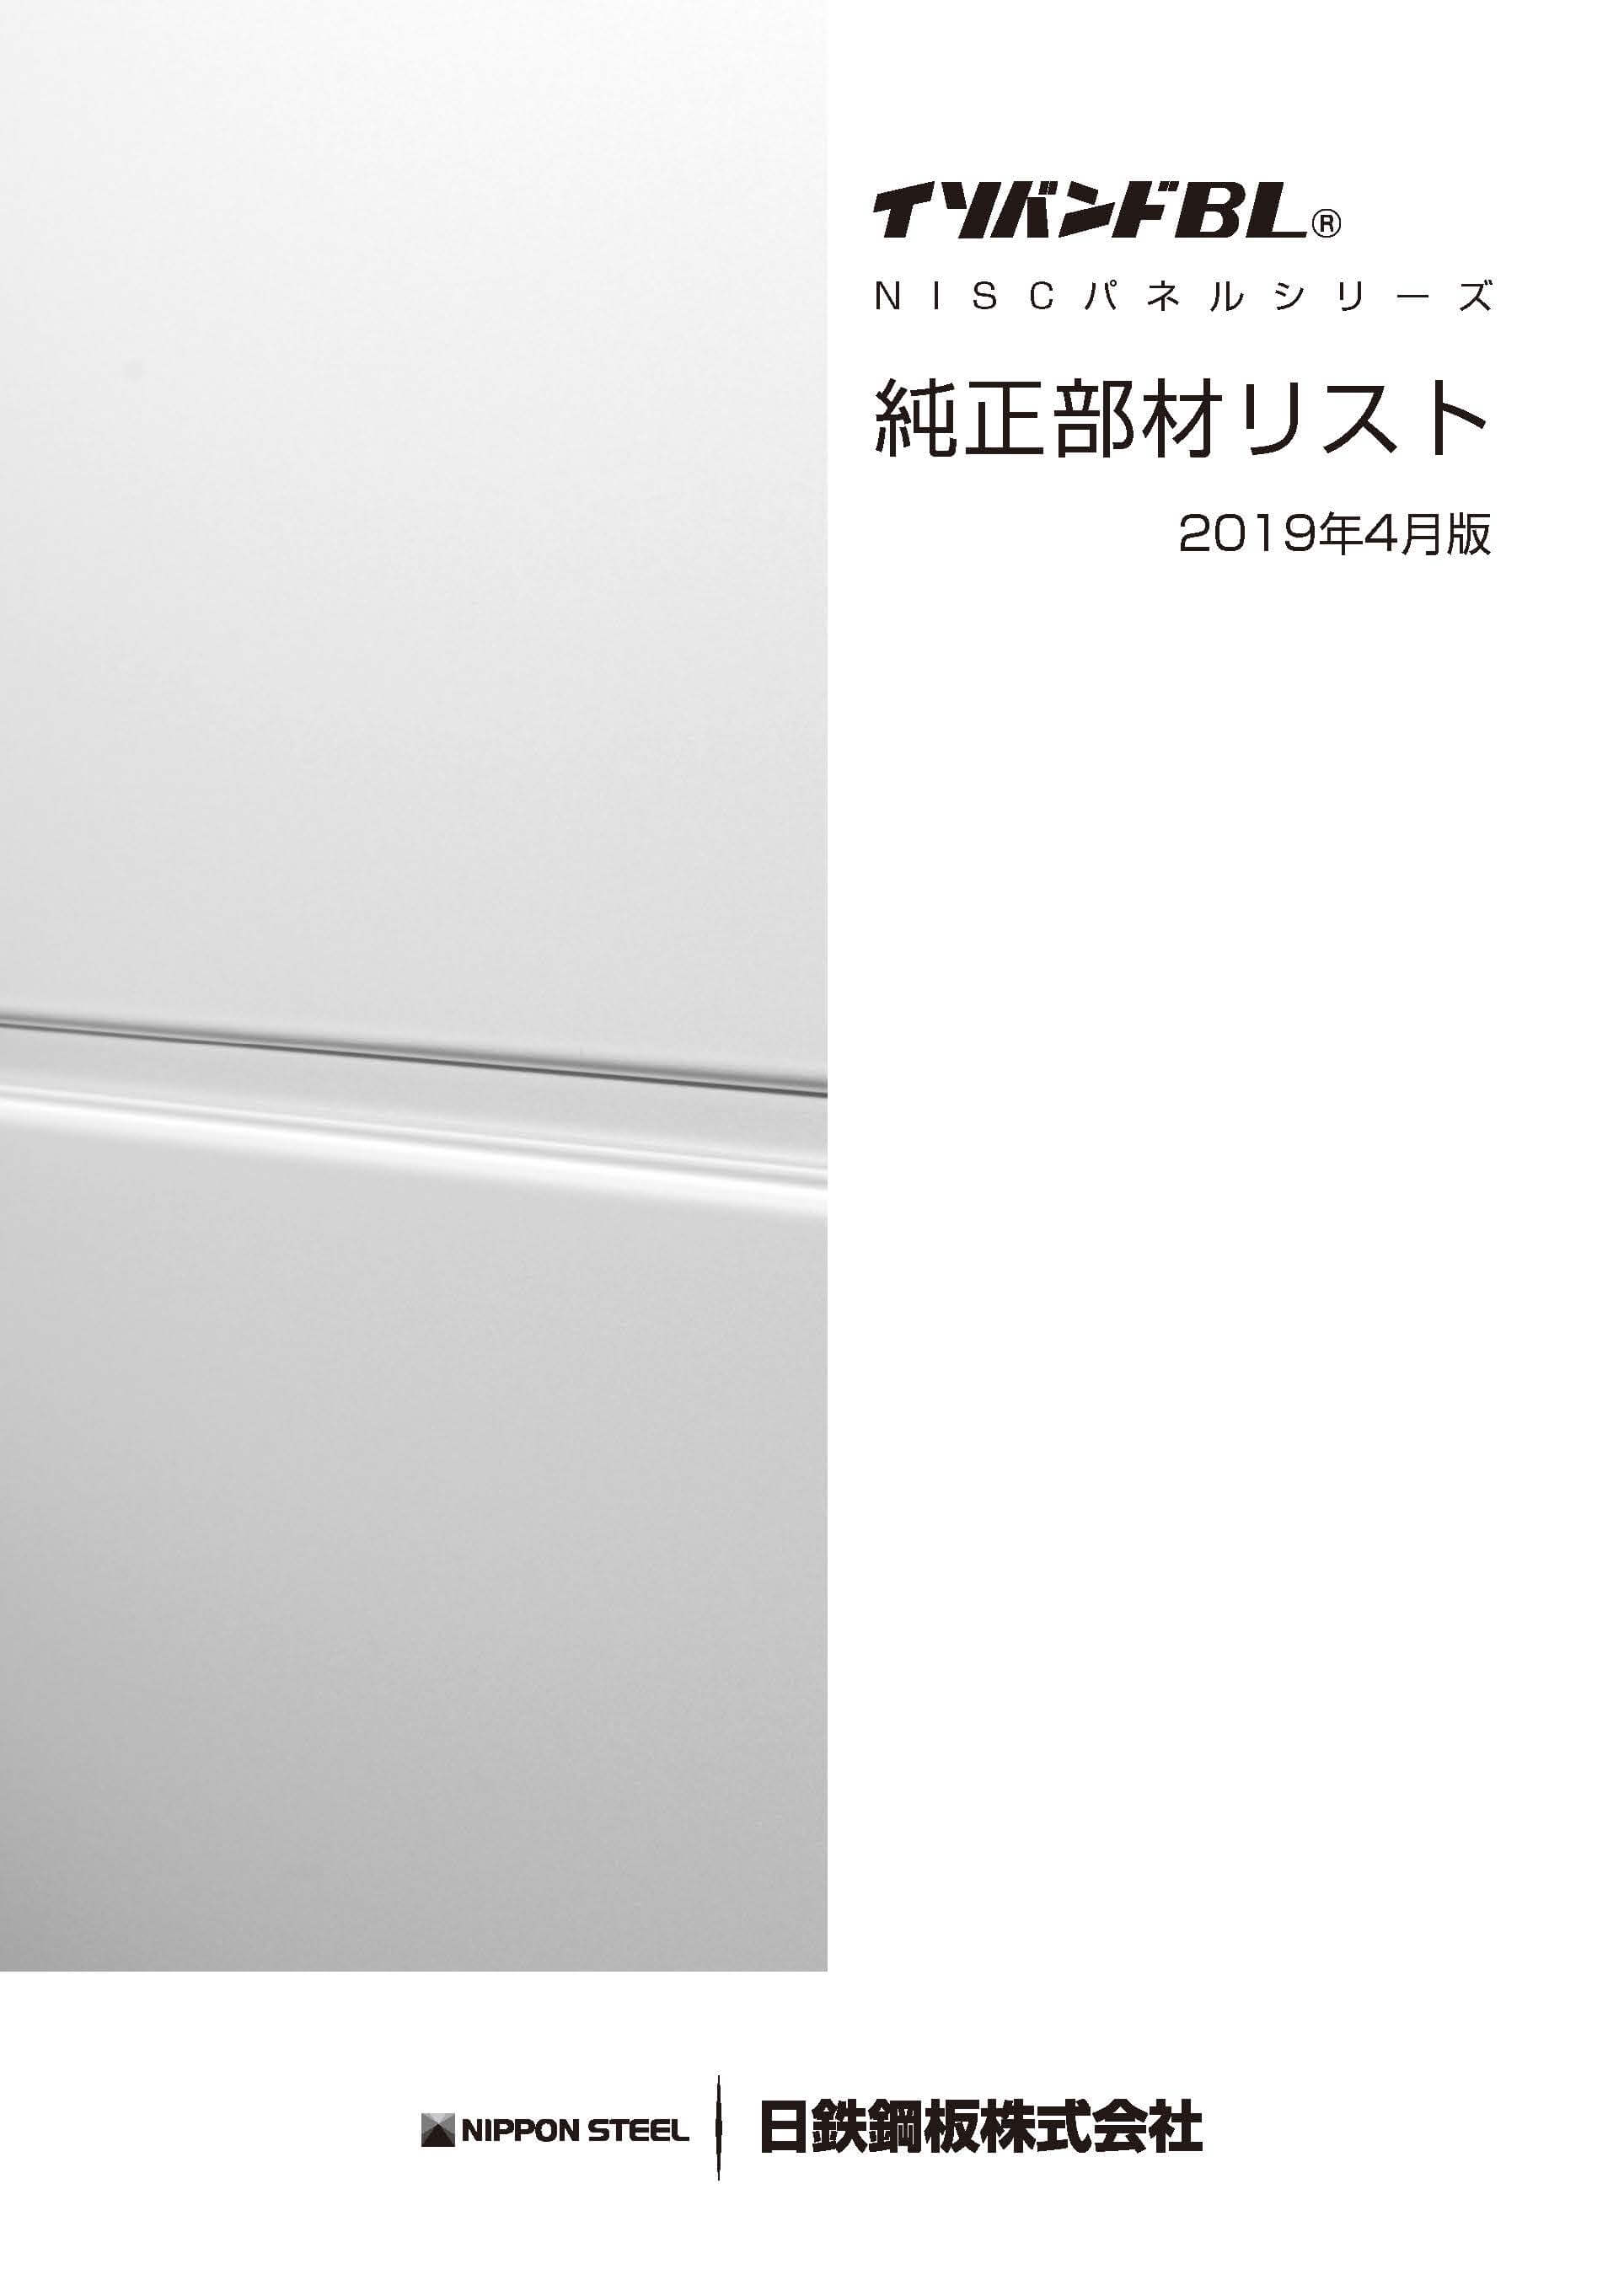 イソバンドBL-H 純正部材リスト